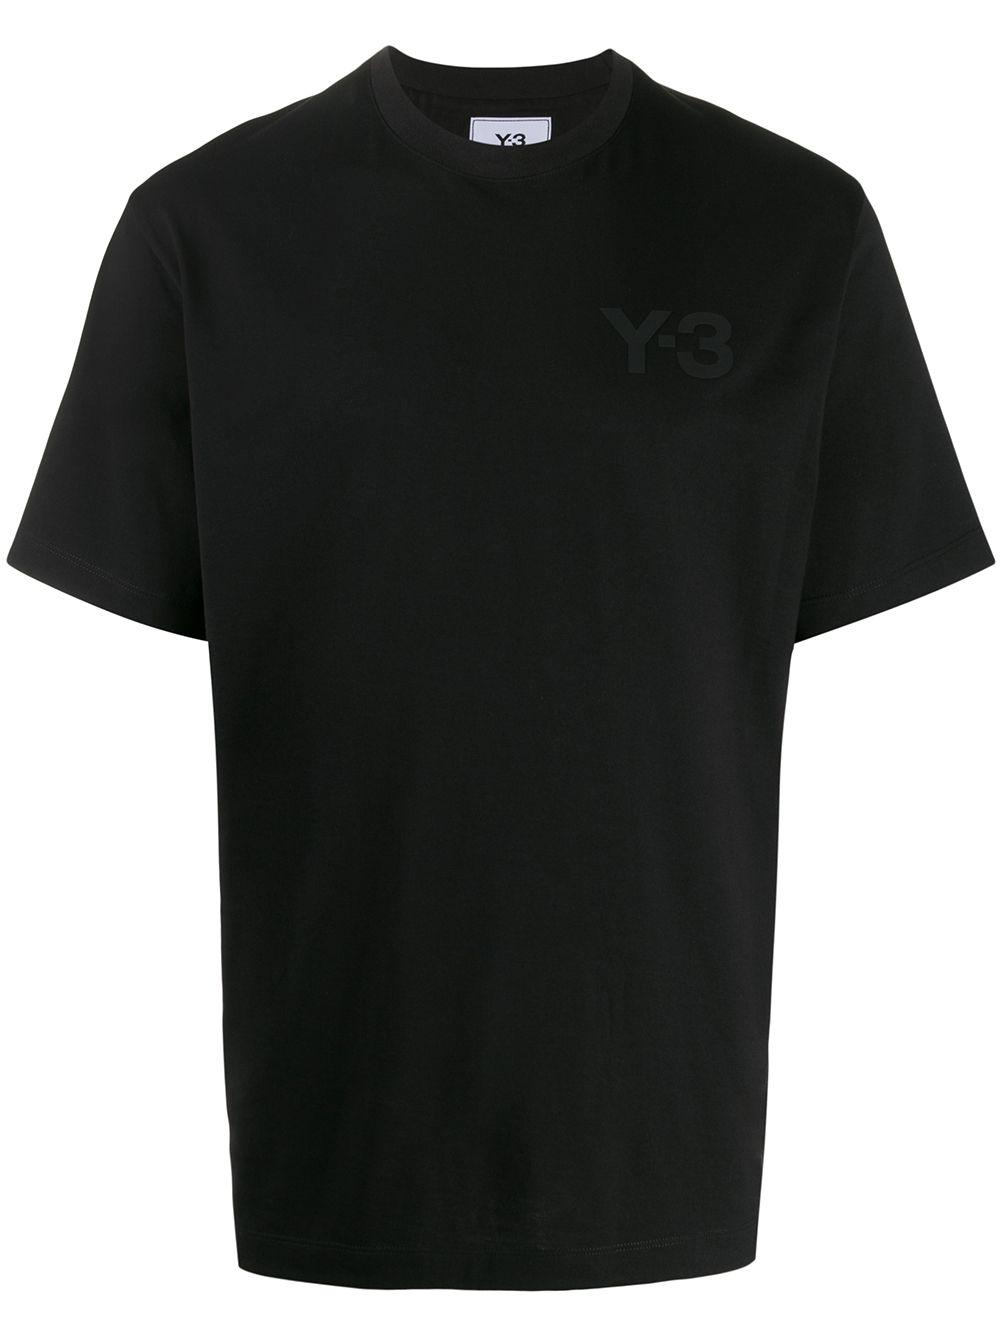 t-shirt con logo uomo nera in cotone Y-3 | T-shirt | FN3358BLACK